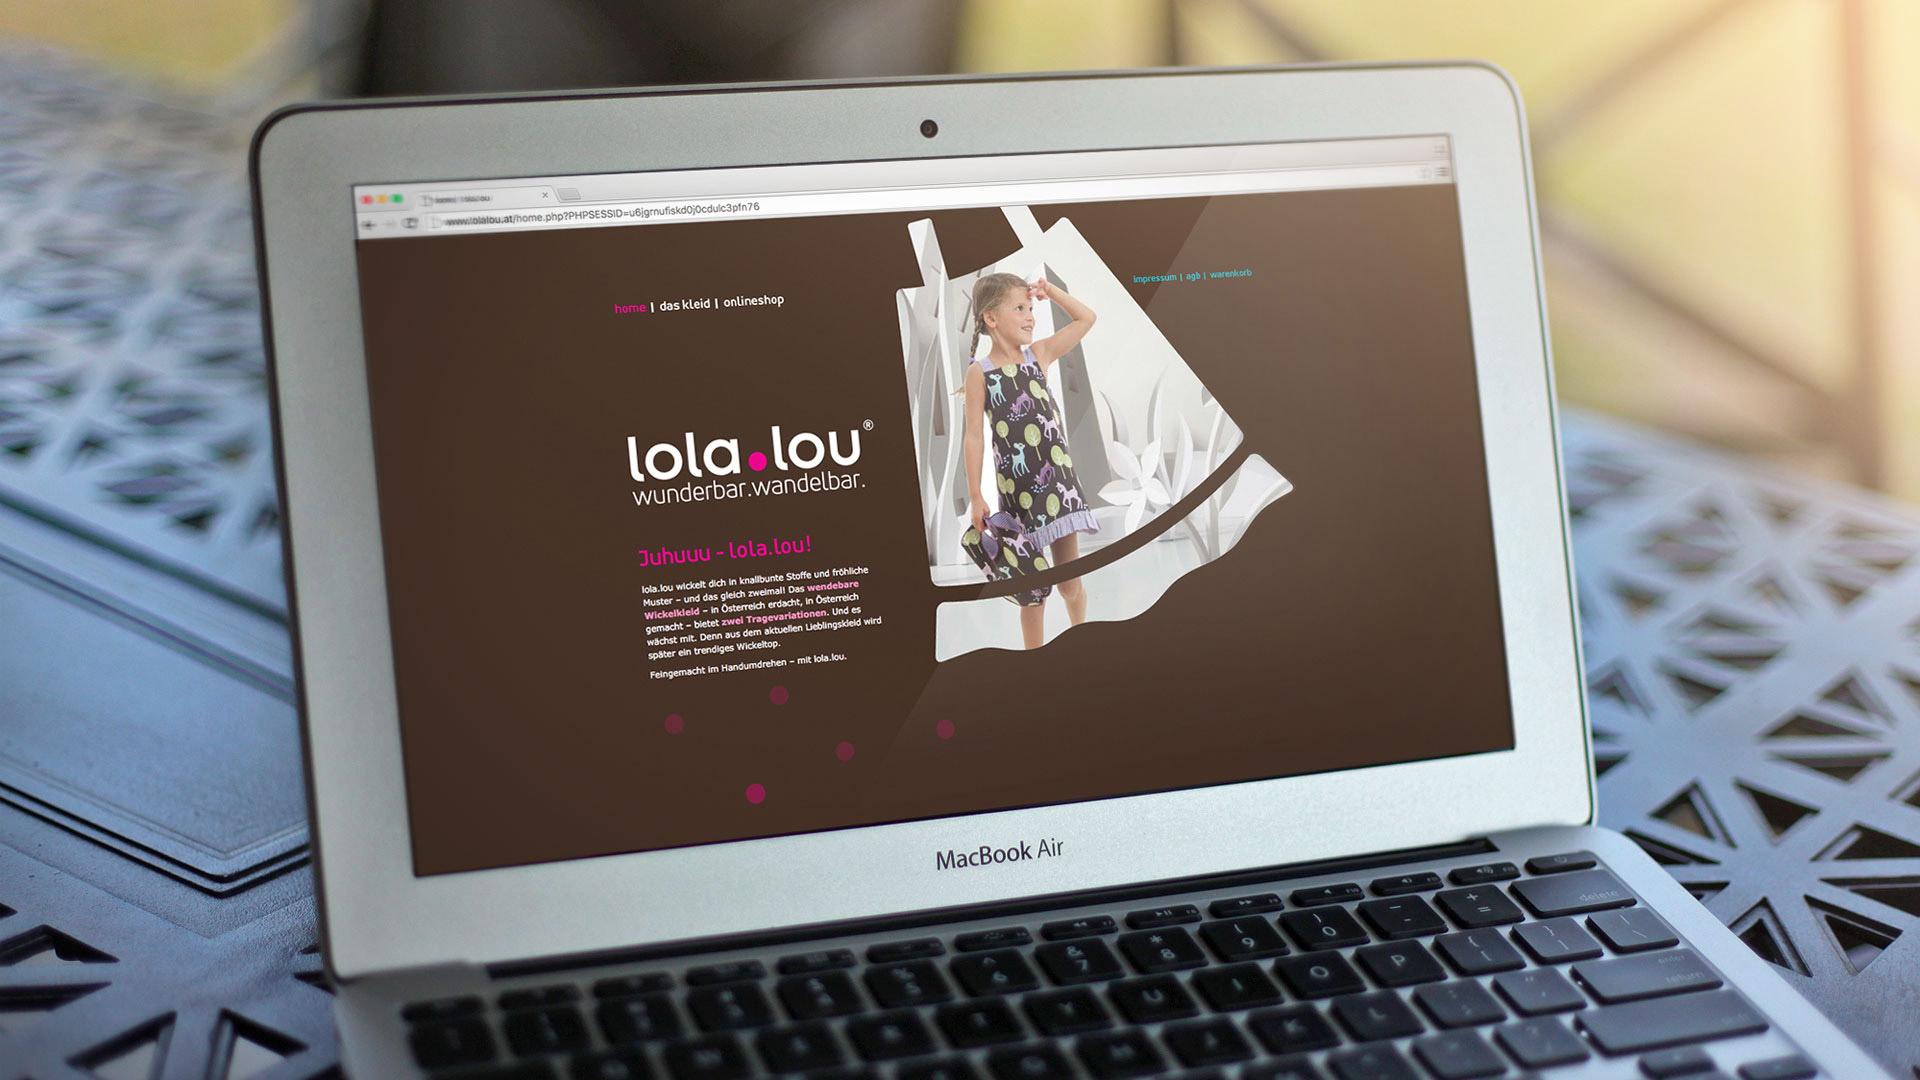 lolalou web-site